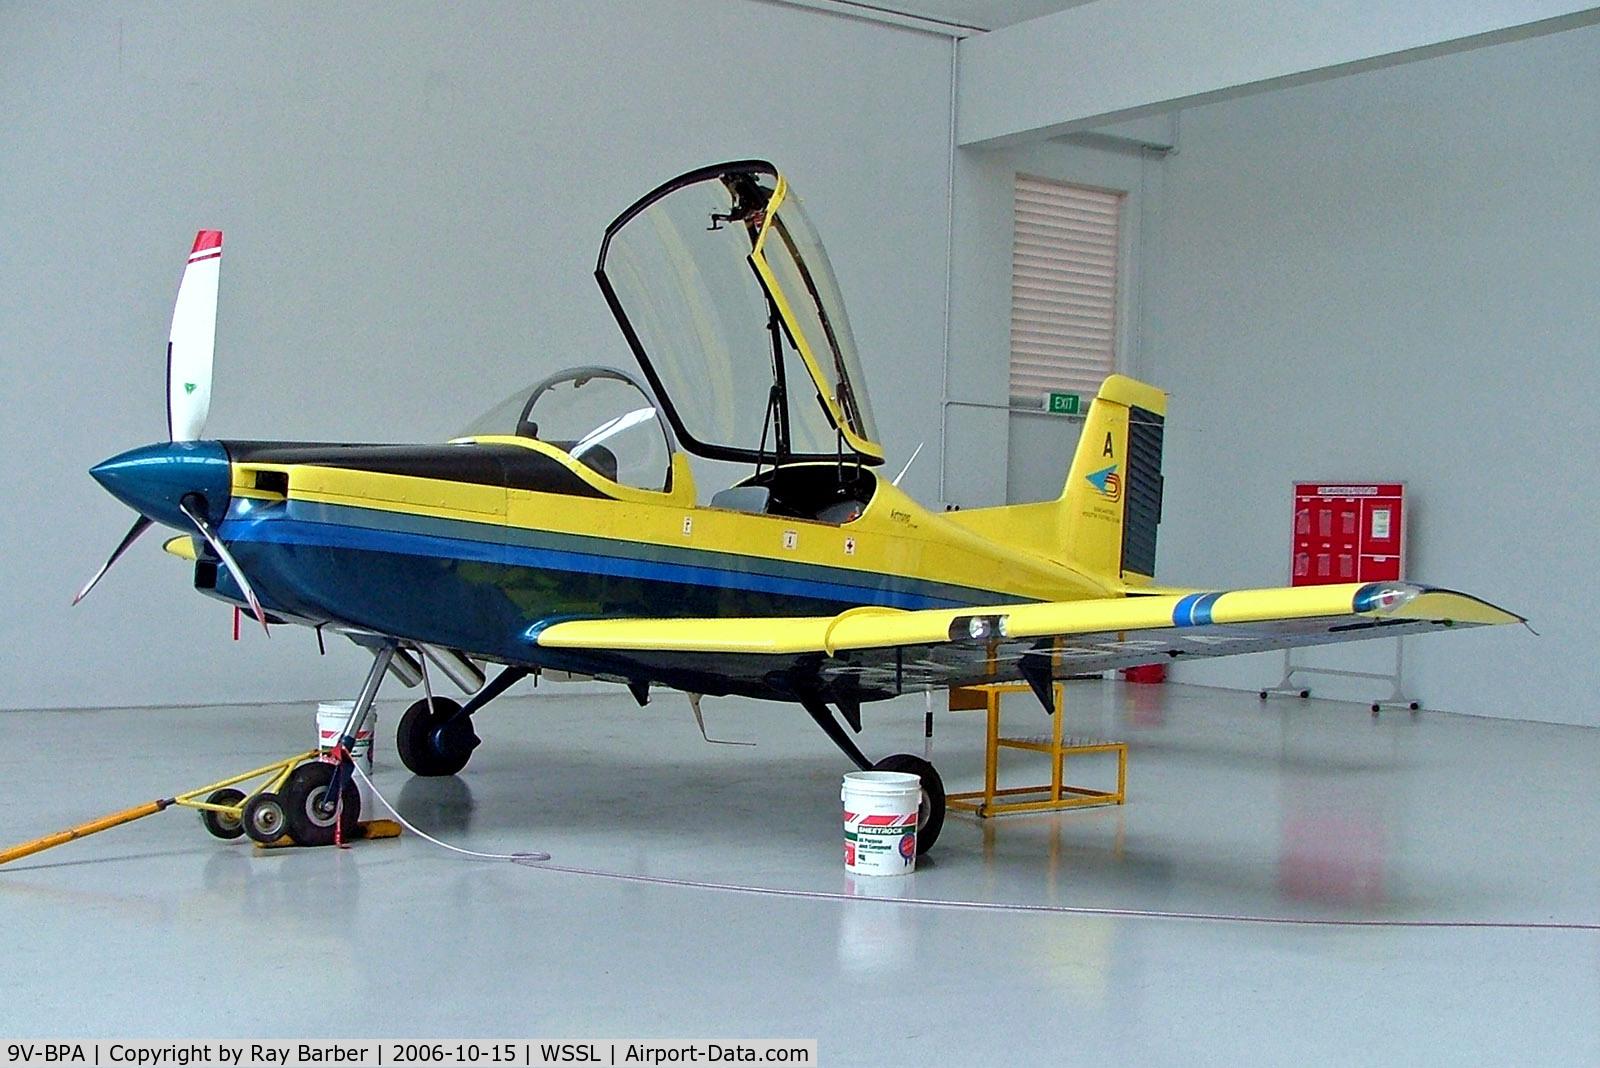 9V-BPA, 2002 Pacific Aerospace CT/4E Airtrainer C/N 231, 9V-BPA   Pacific Aerospace CT/4E Airtrainer [231] (Singapore Youth Flying Club) Seletar~9V 15/10/2006